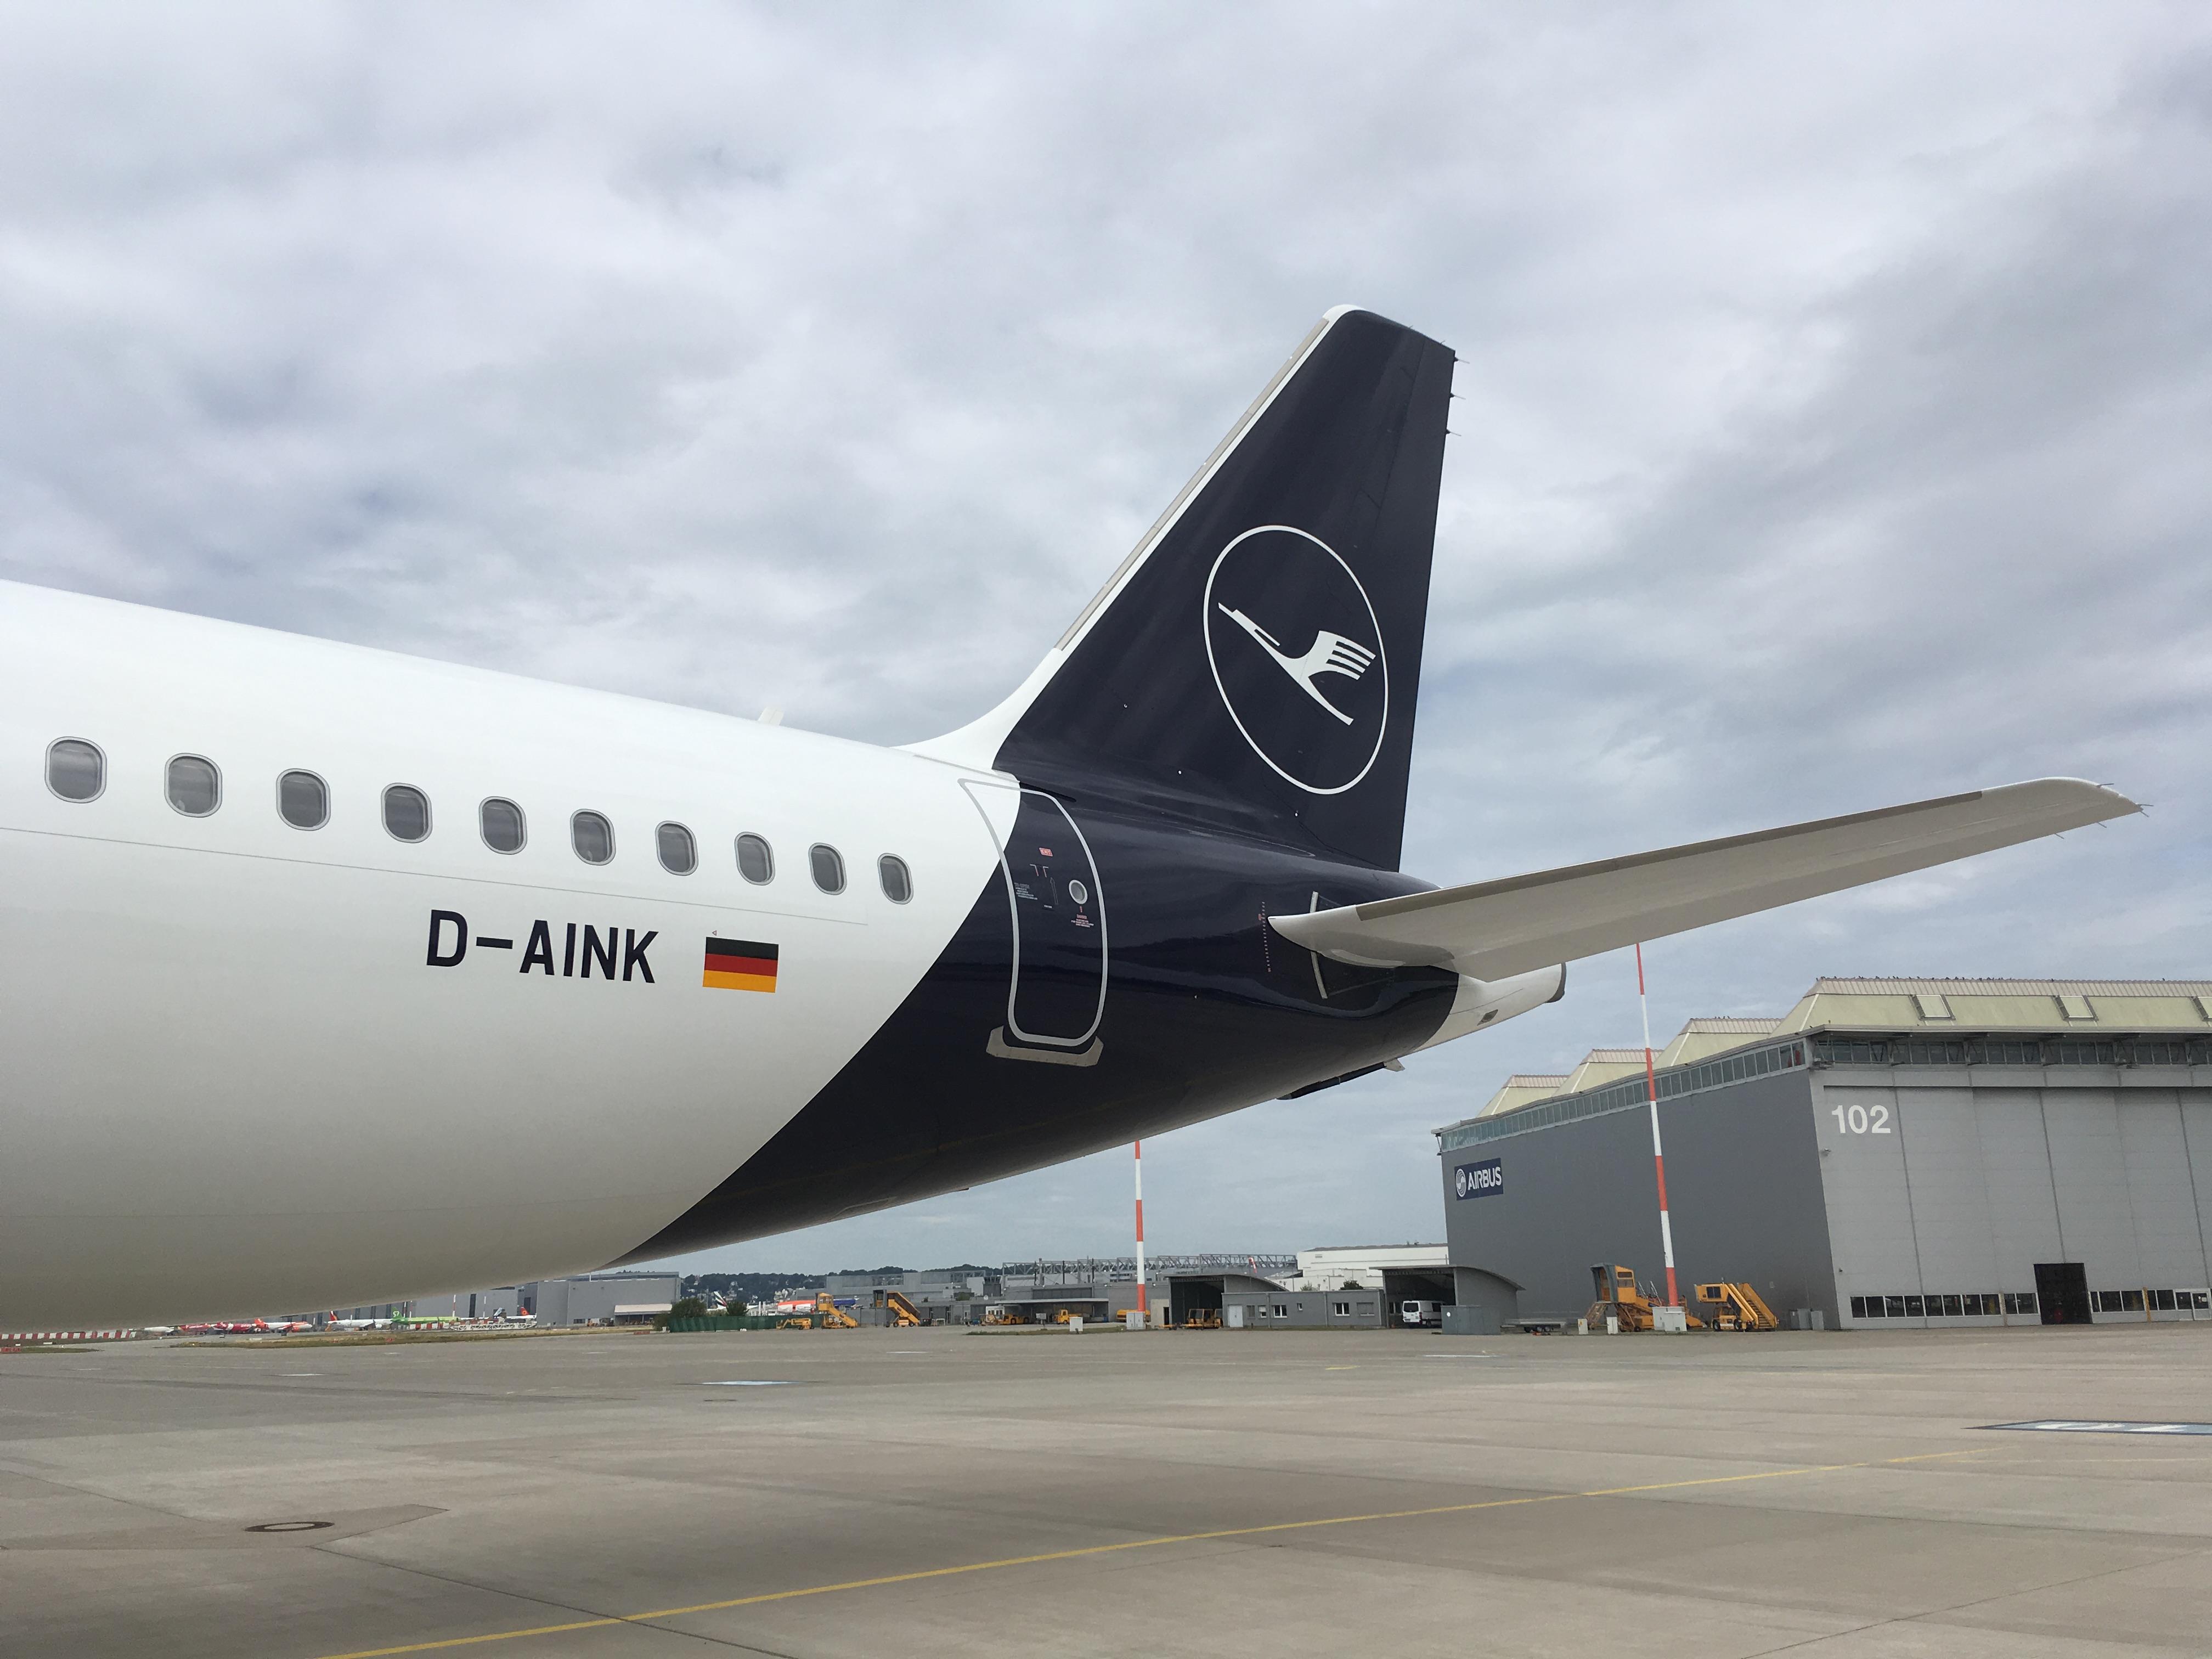 Lufthansas nye flydesign set ud fra halen på en ny-leveret Airbus A320neo. Foto: Lufthansa